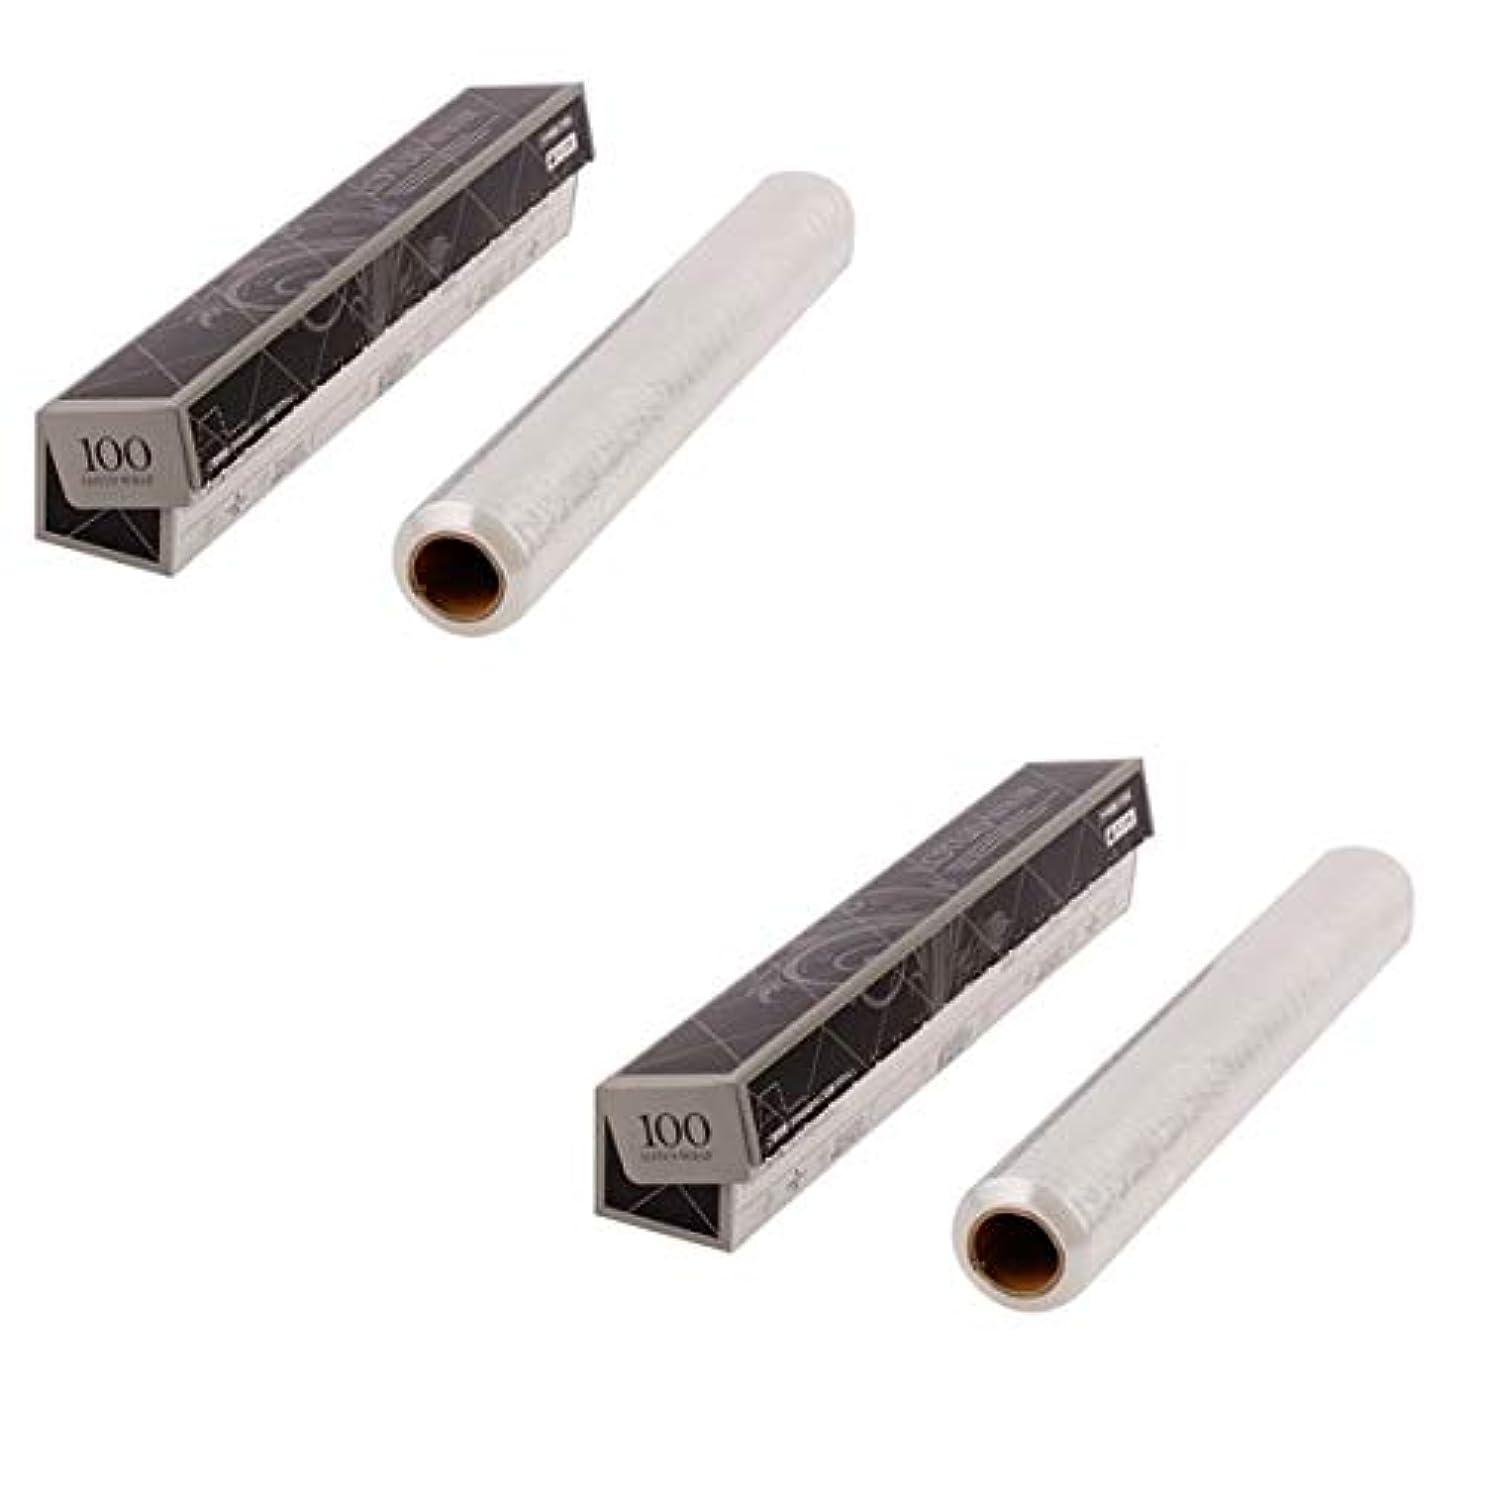 隣接する持続する奨励サロン用ラップ 幅30cm×長さ100m (2個セット) [ サロン用ラップ エステ サロン ラップ ]